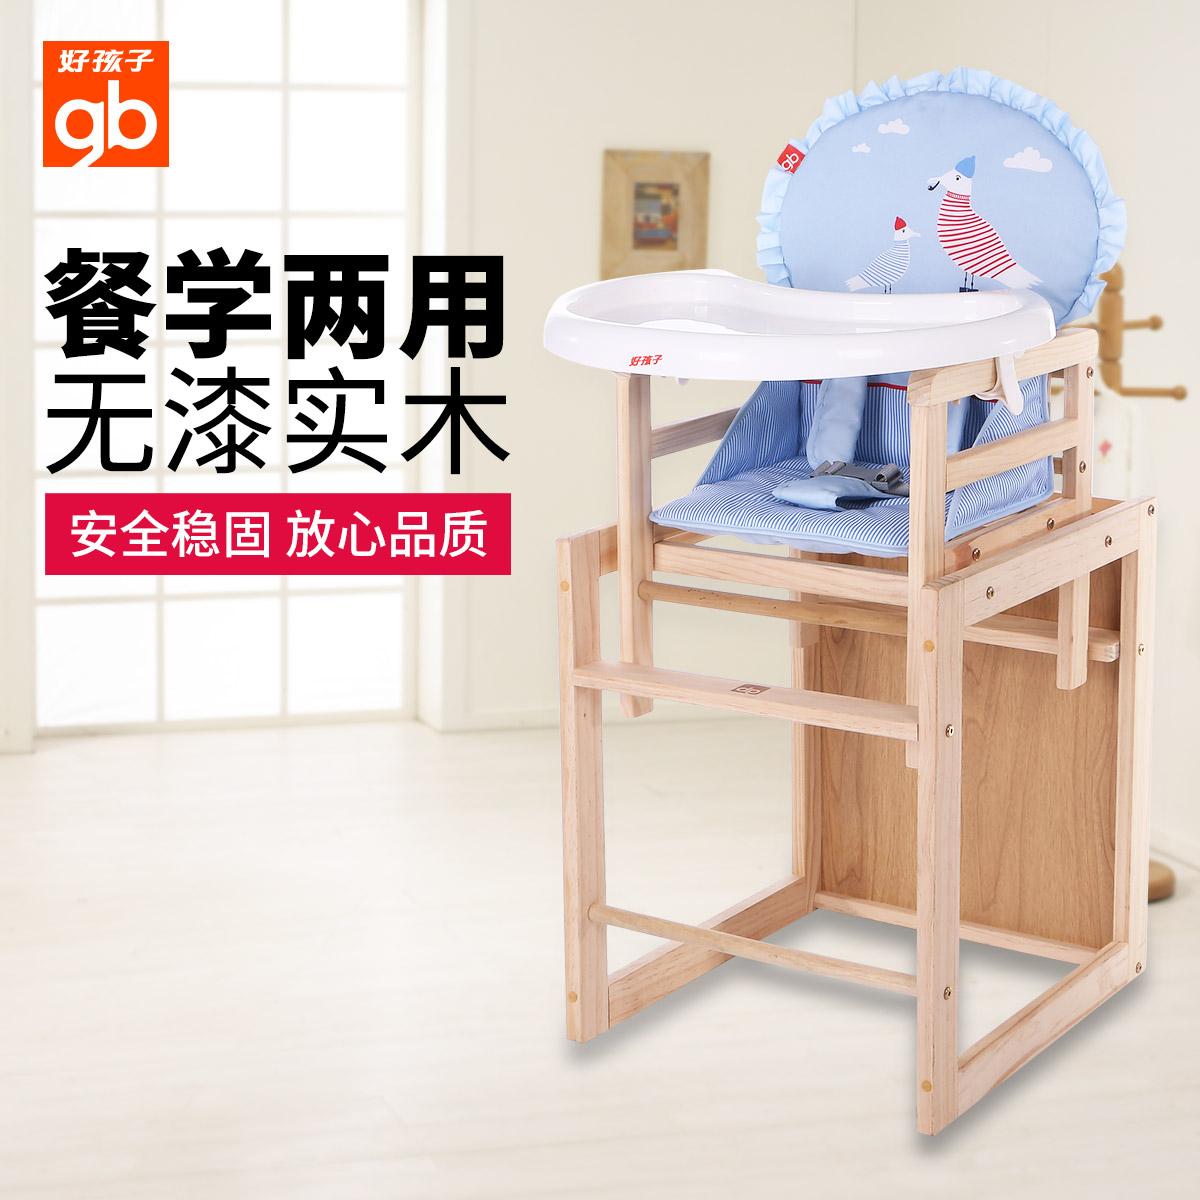 儿童餐椅实木多功能宝宝餐椅婴儿餐椅吃饭座椅